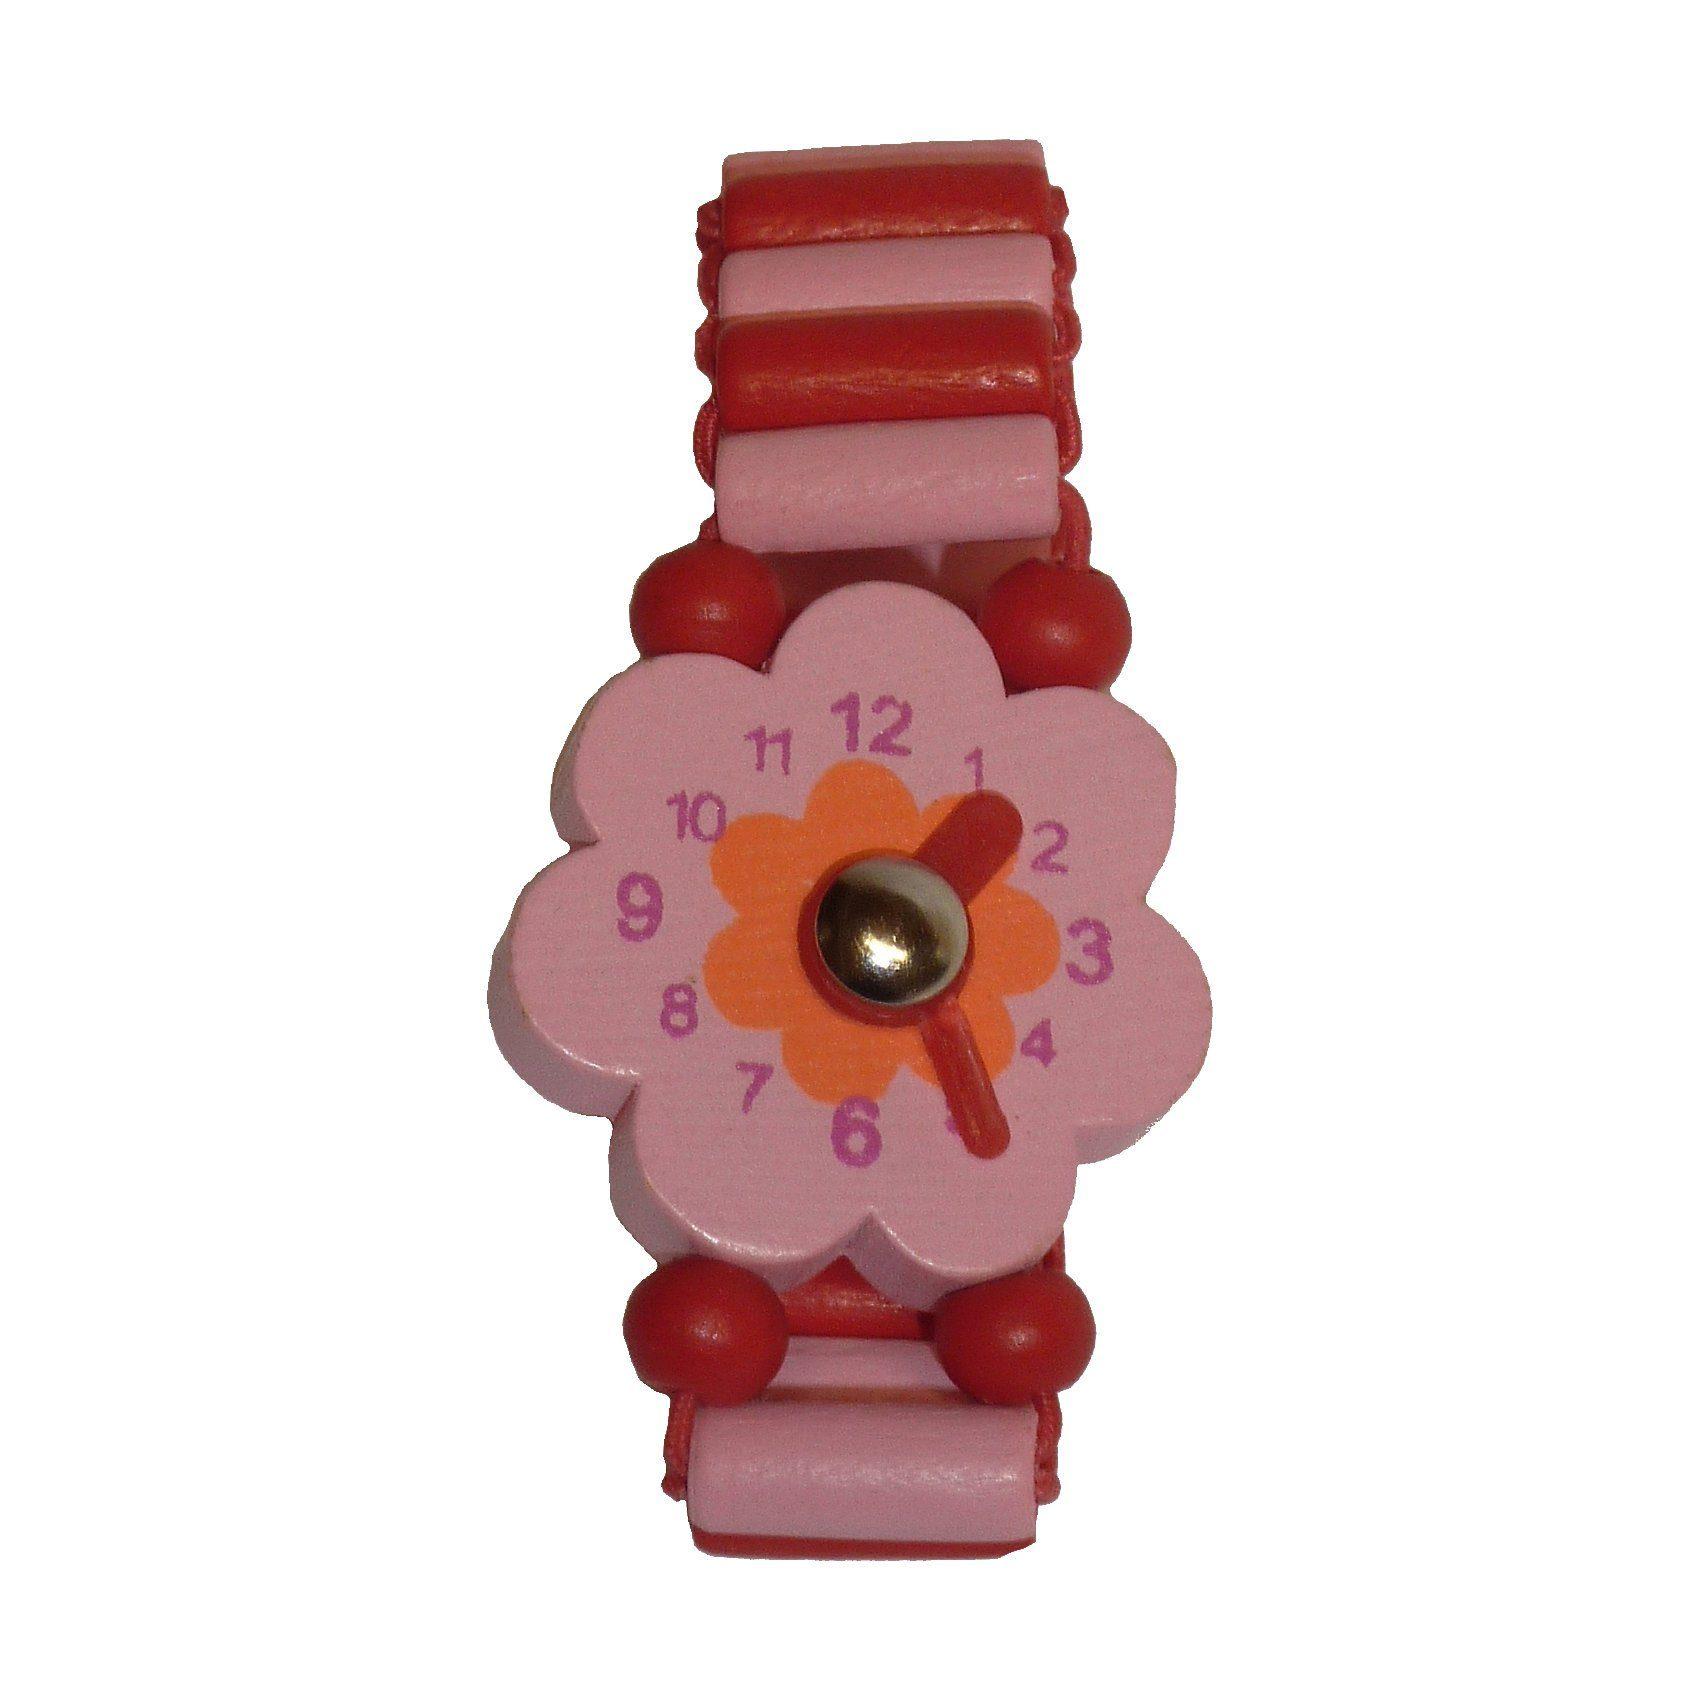 Spielzeug-Uhr aus Holz - Blume, 4 Stück